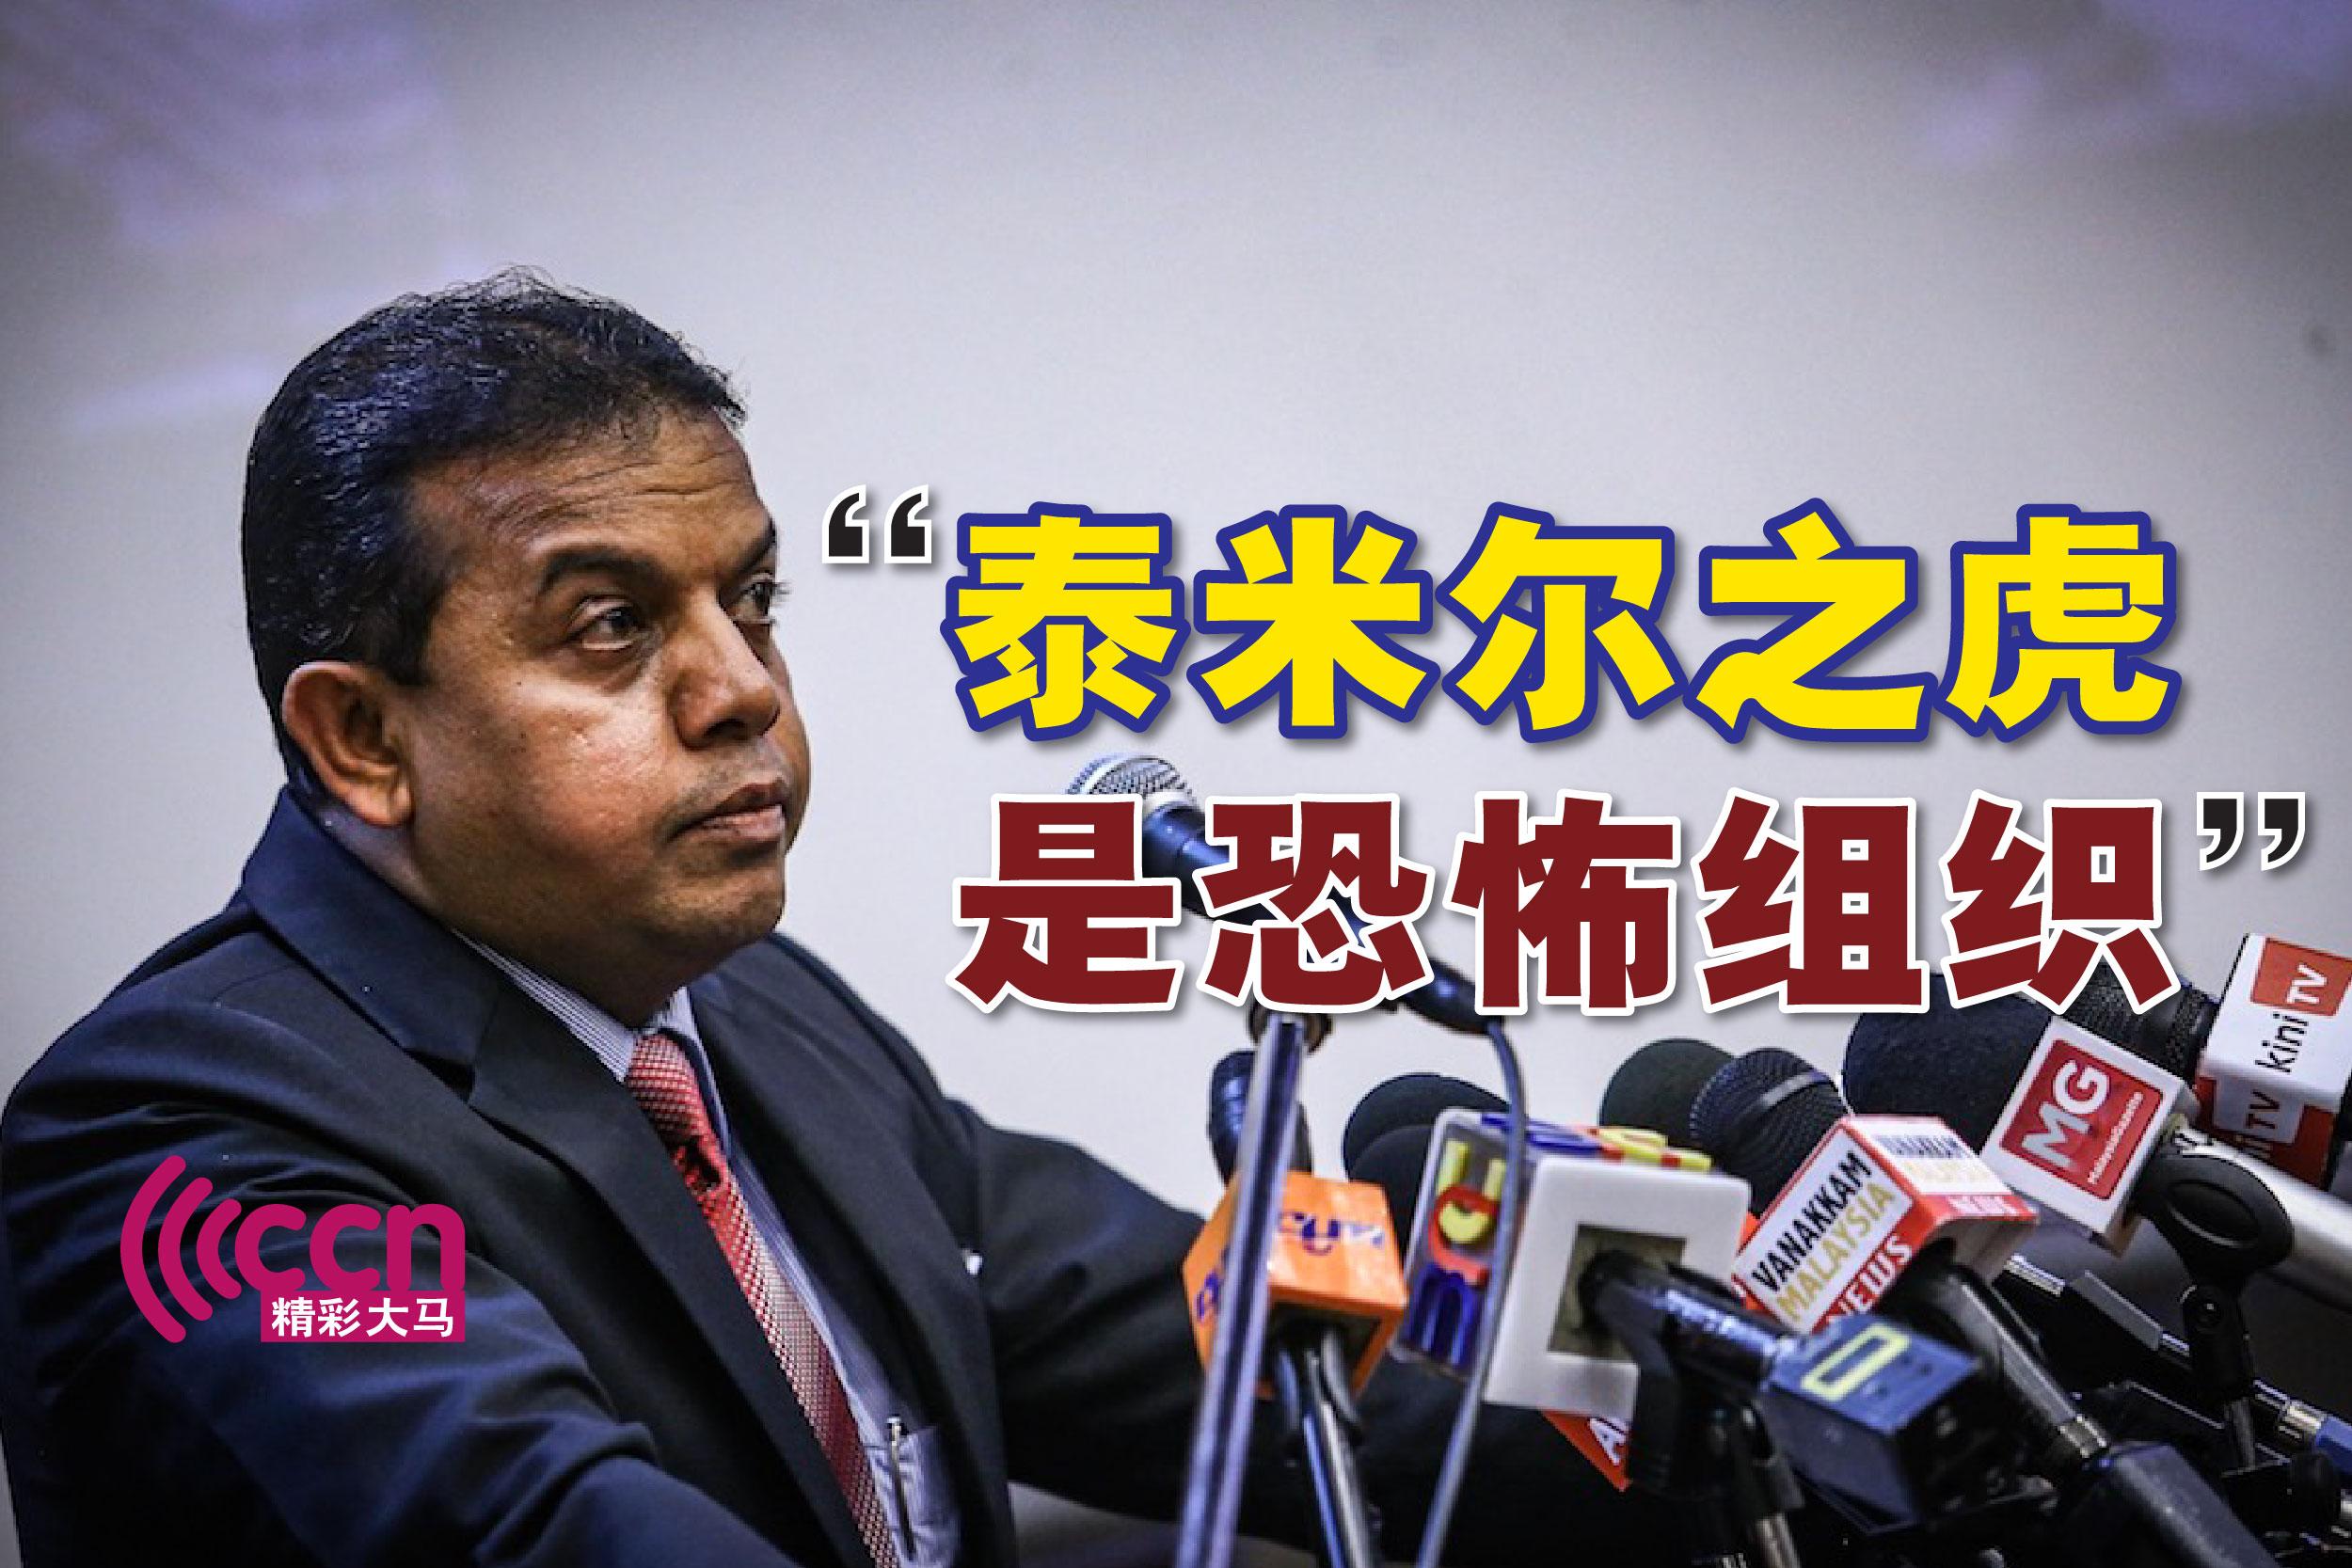 """阿育汉表示,我国法律从2014年已起将""""泰米尔之虎""""列为恐怖组织。-Hari Anggara摄,精彩大马制图-"""